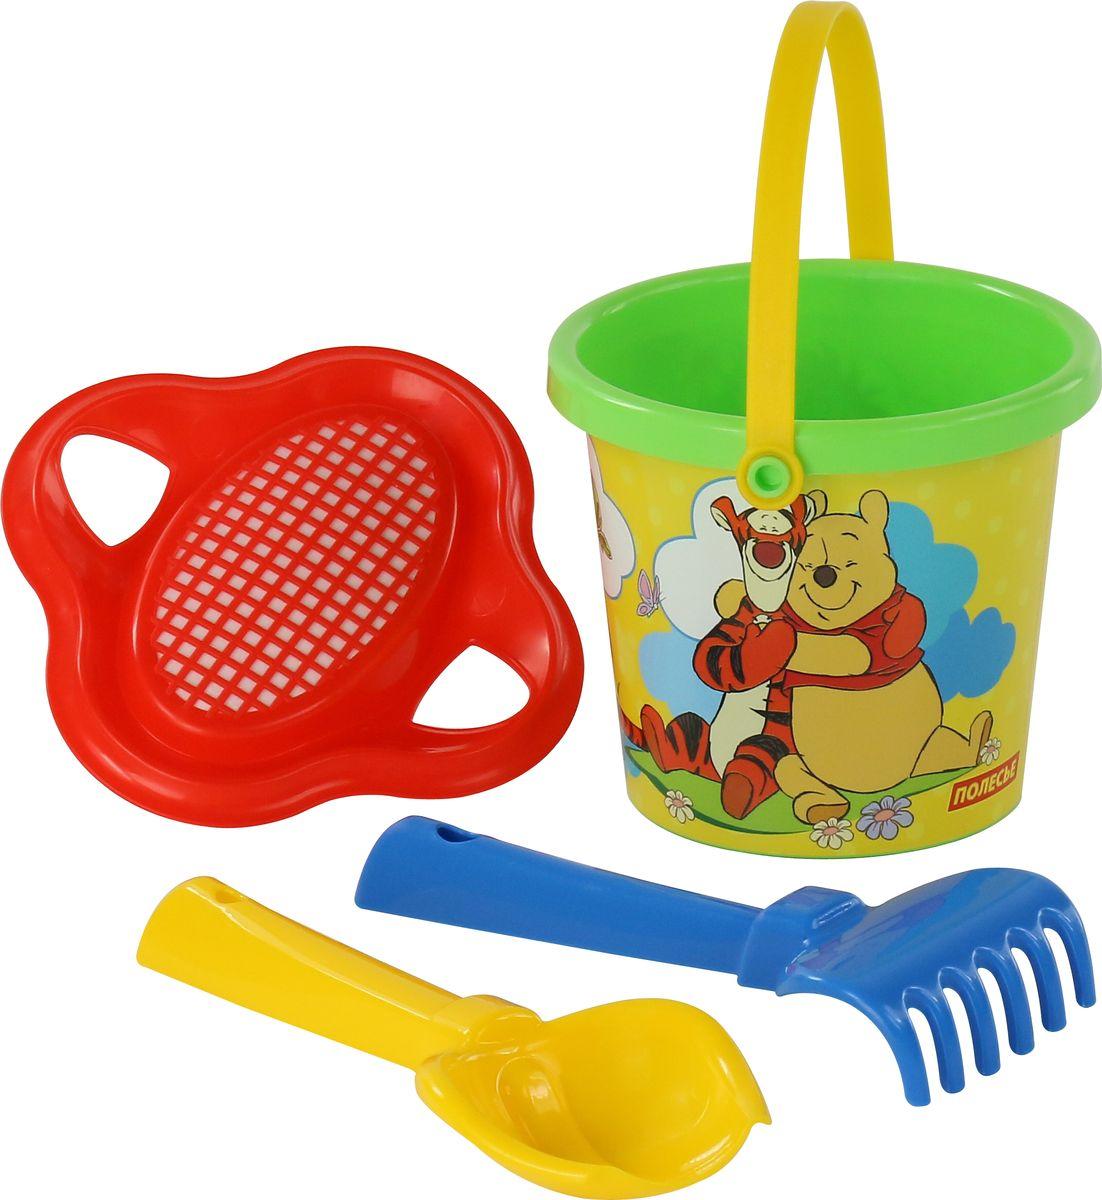 Disney Набор игрушек для песочницы Винни и его друзья №2, цвет в ассортименте скатерть квадратная printio поросята